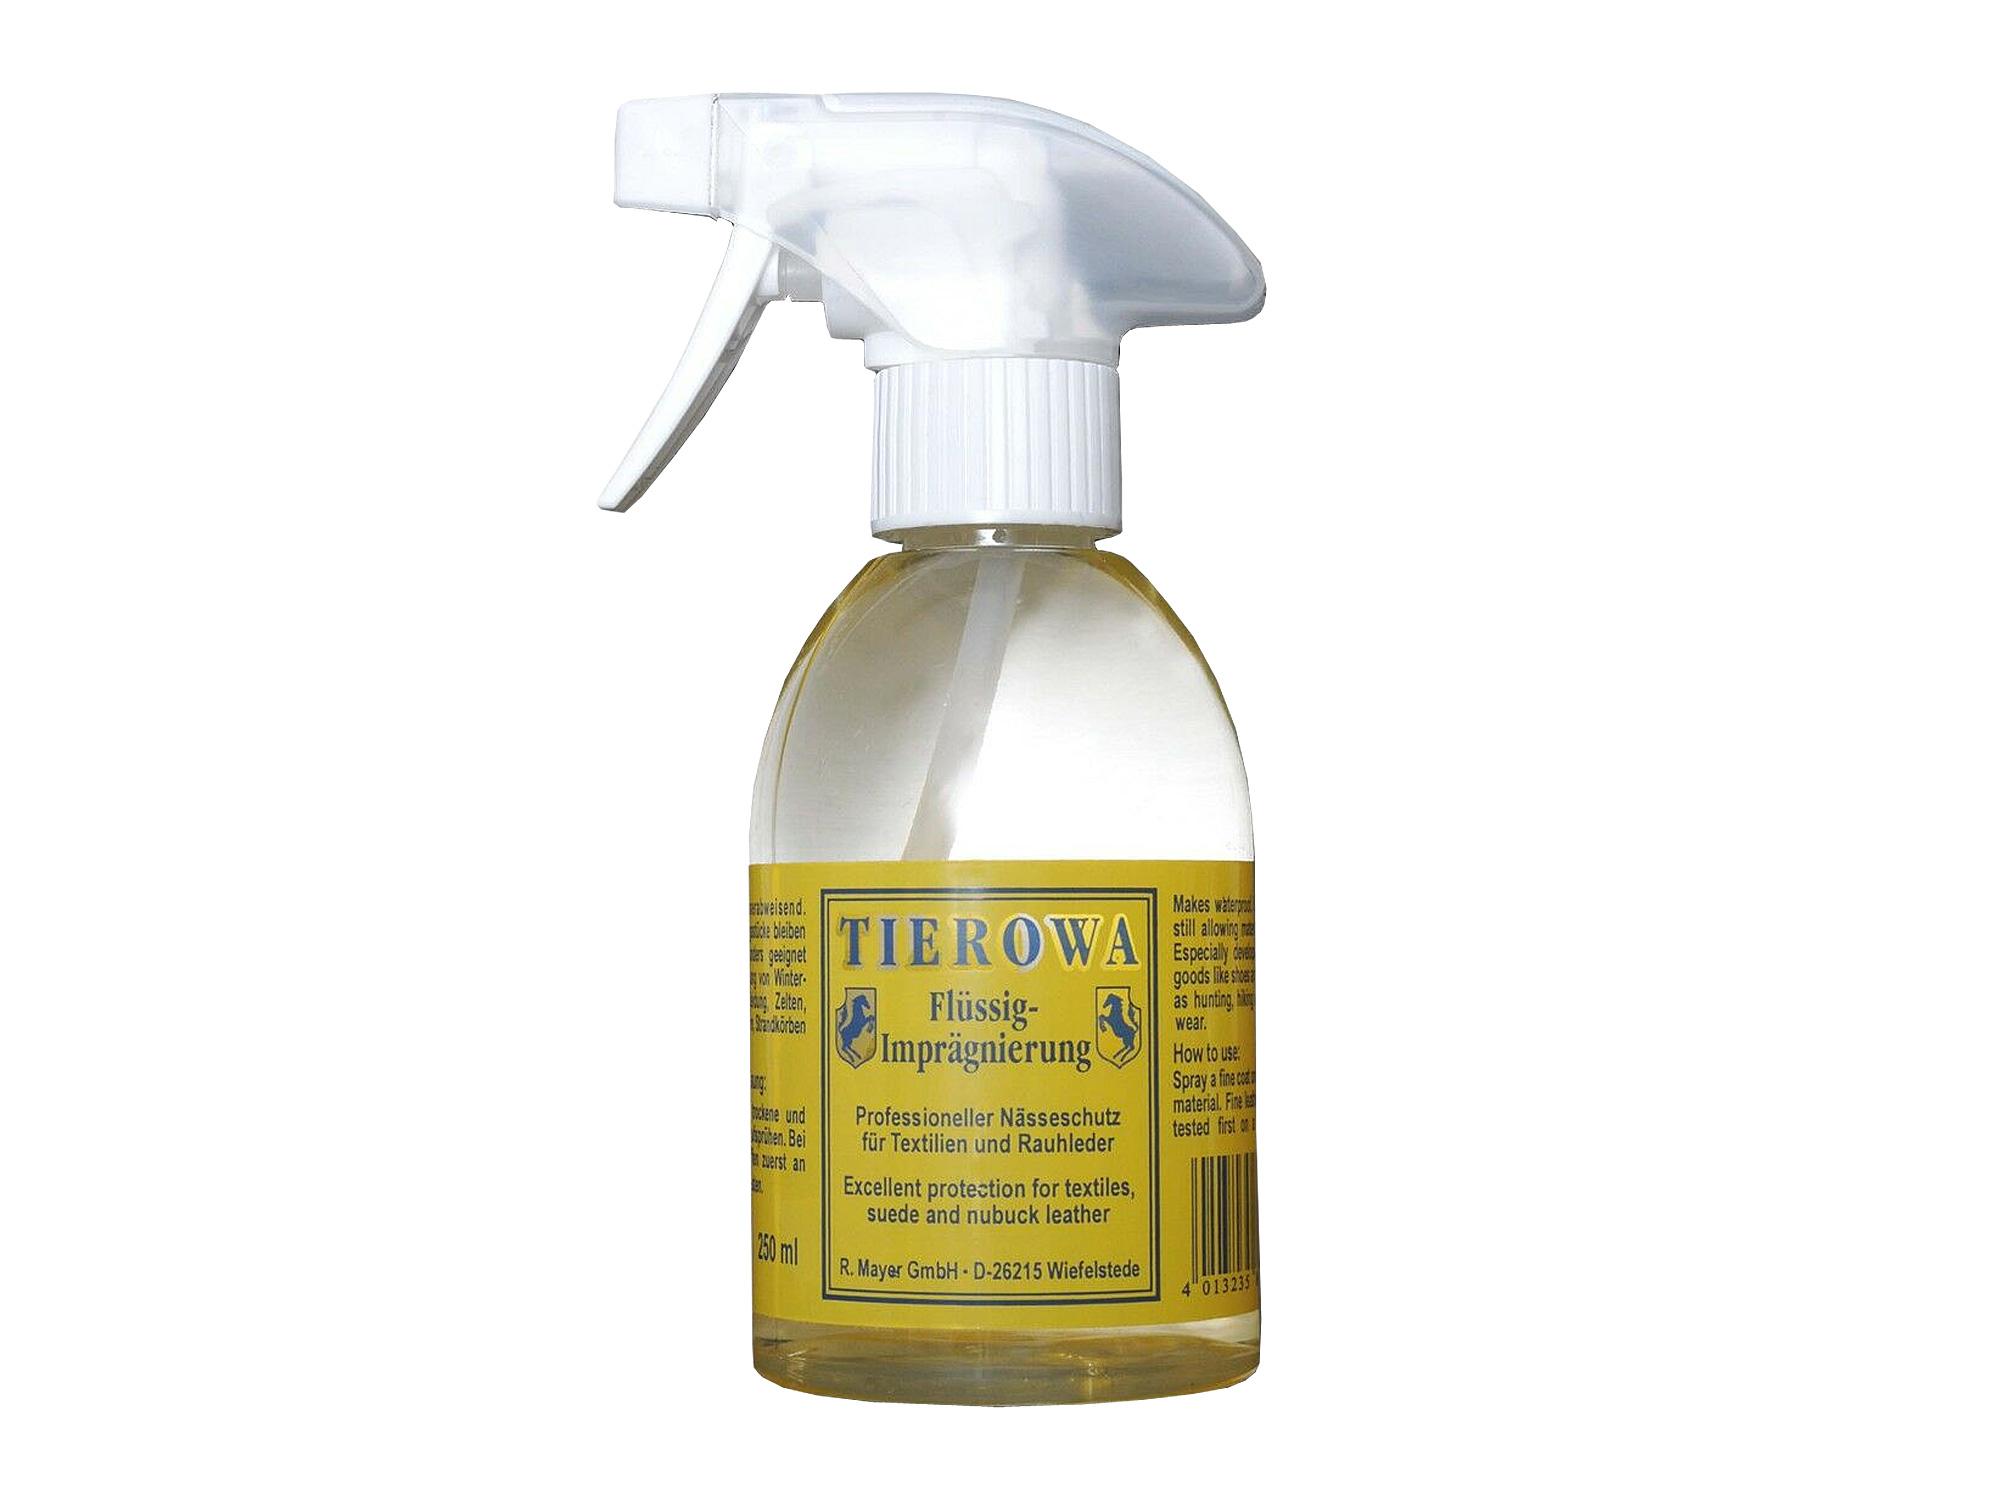 Tierowa Flüssig Imprägnierung 250 ml (Grundpreis 3,60 / 100 ml)